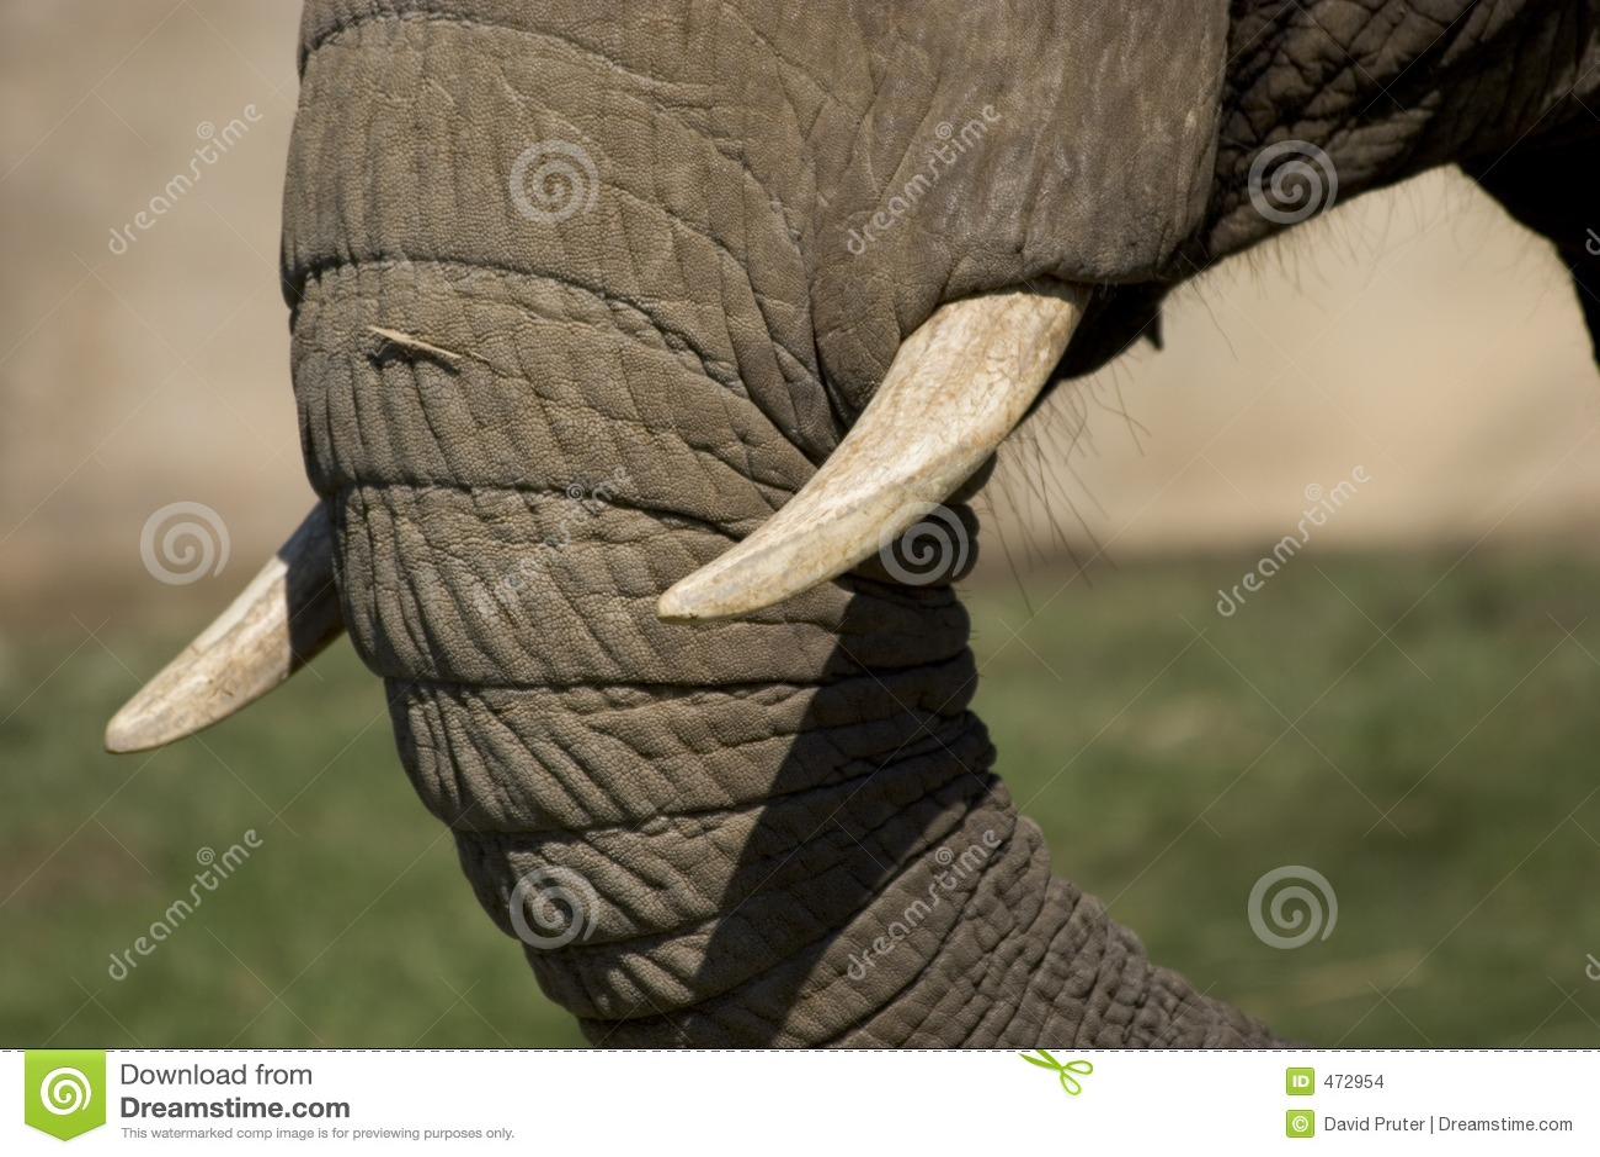 Colmillos del elefante foto de archivo. Imagen de exótico - 472954